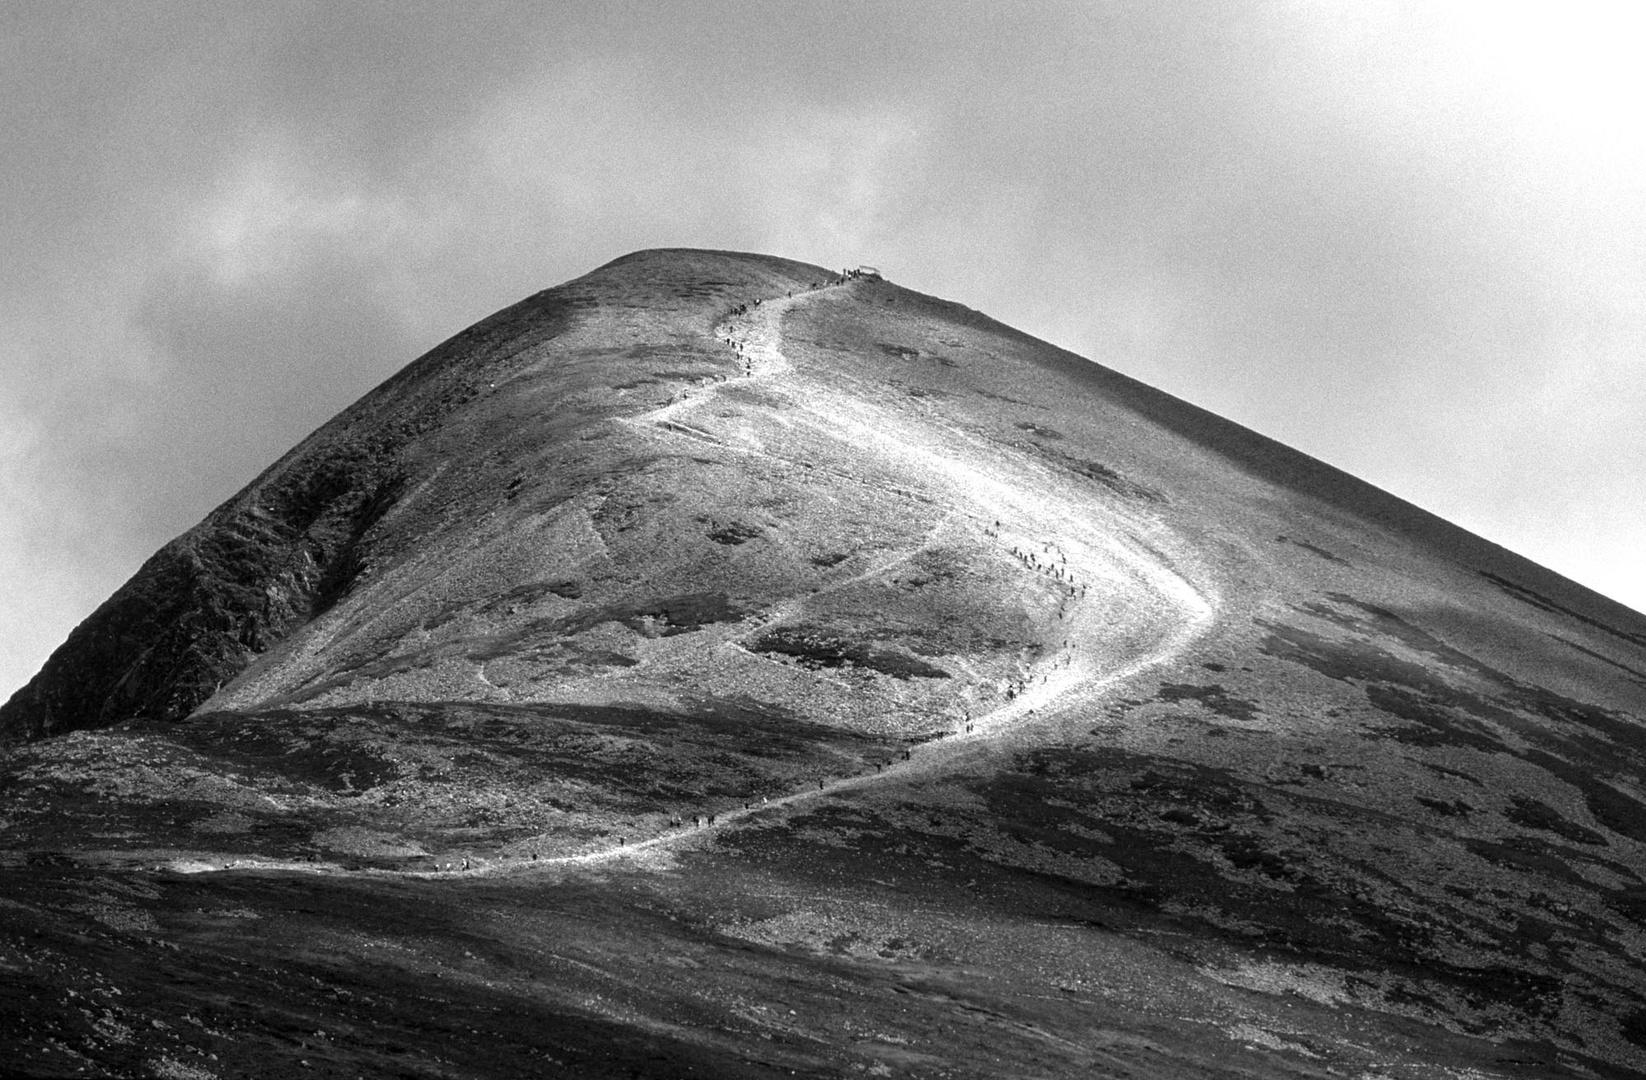 Croagh Patrick, la montagne sacrée des irlandais, 2003